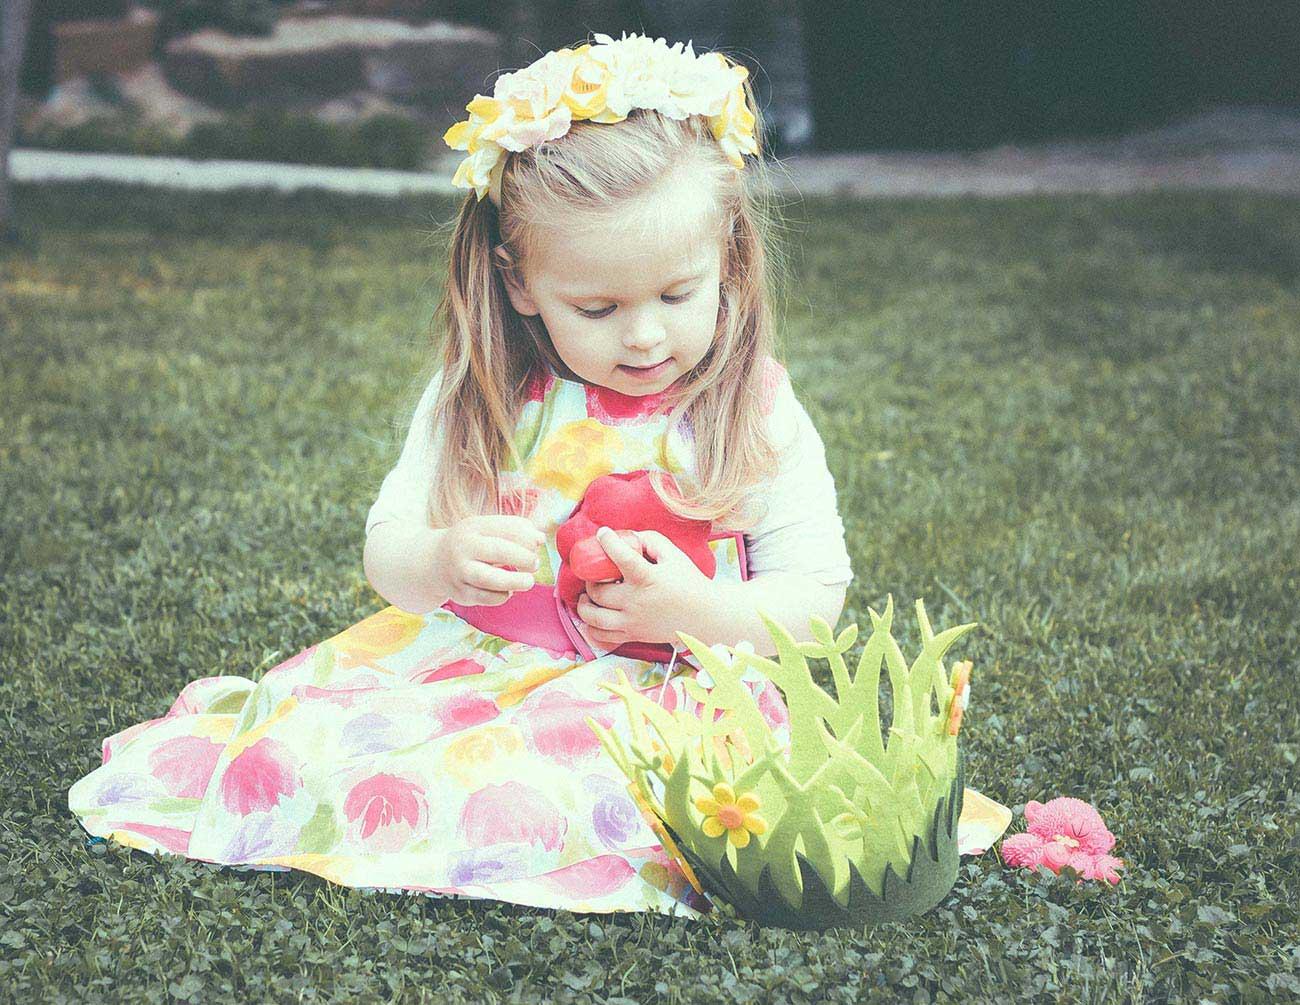 Toddler-Photography_Cristina9